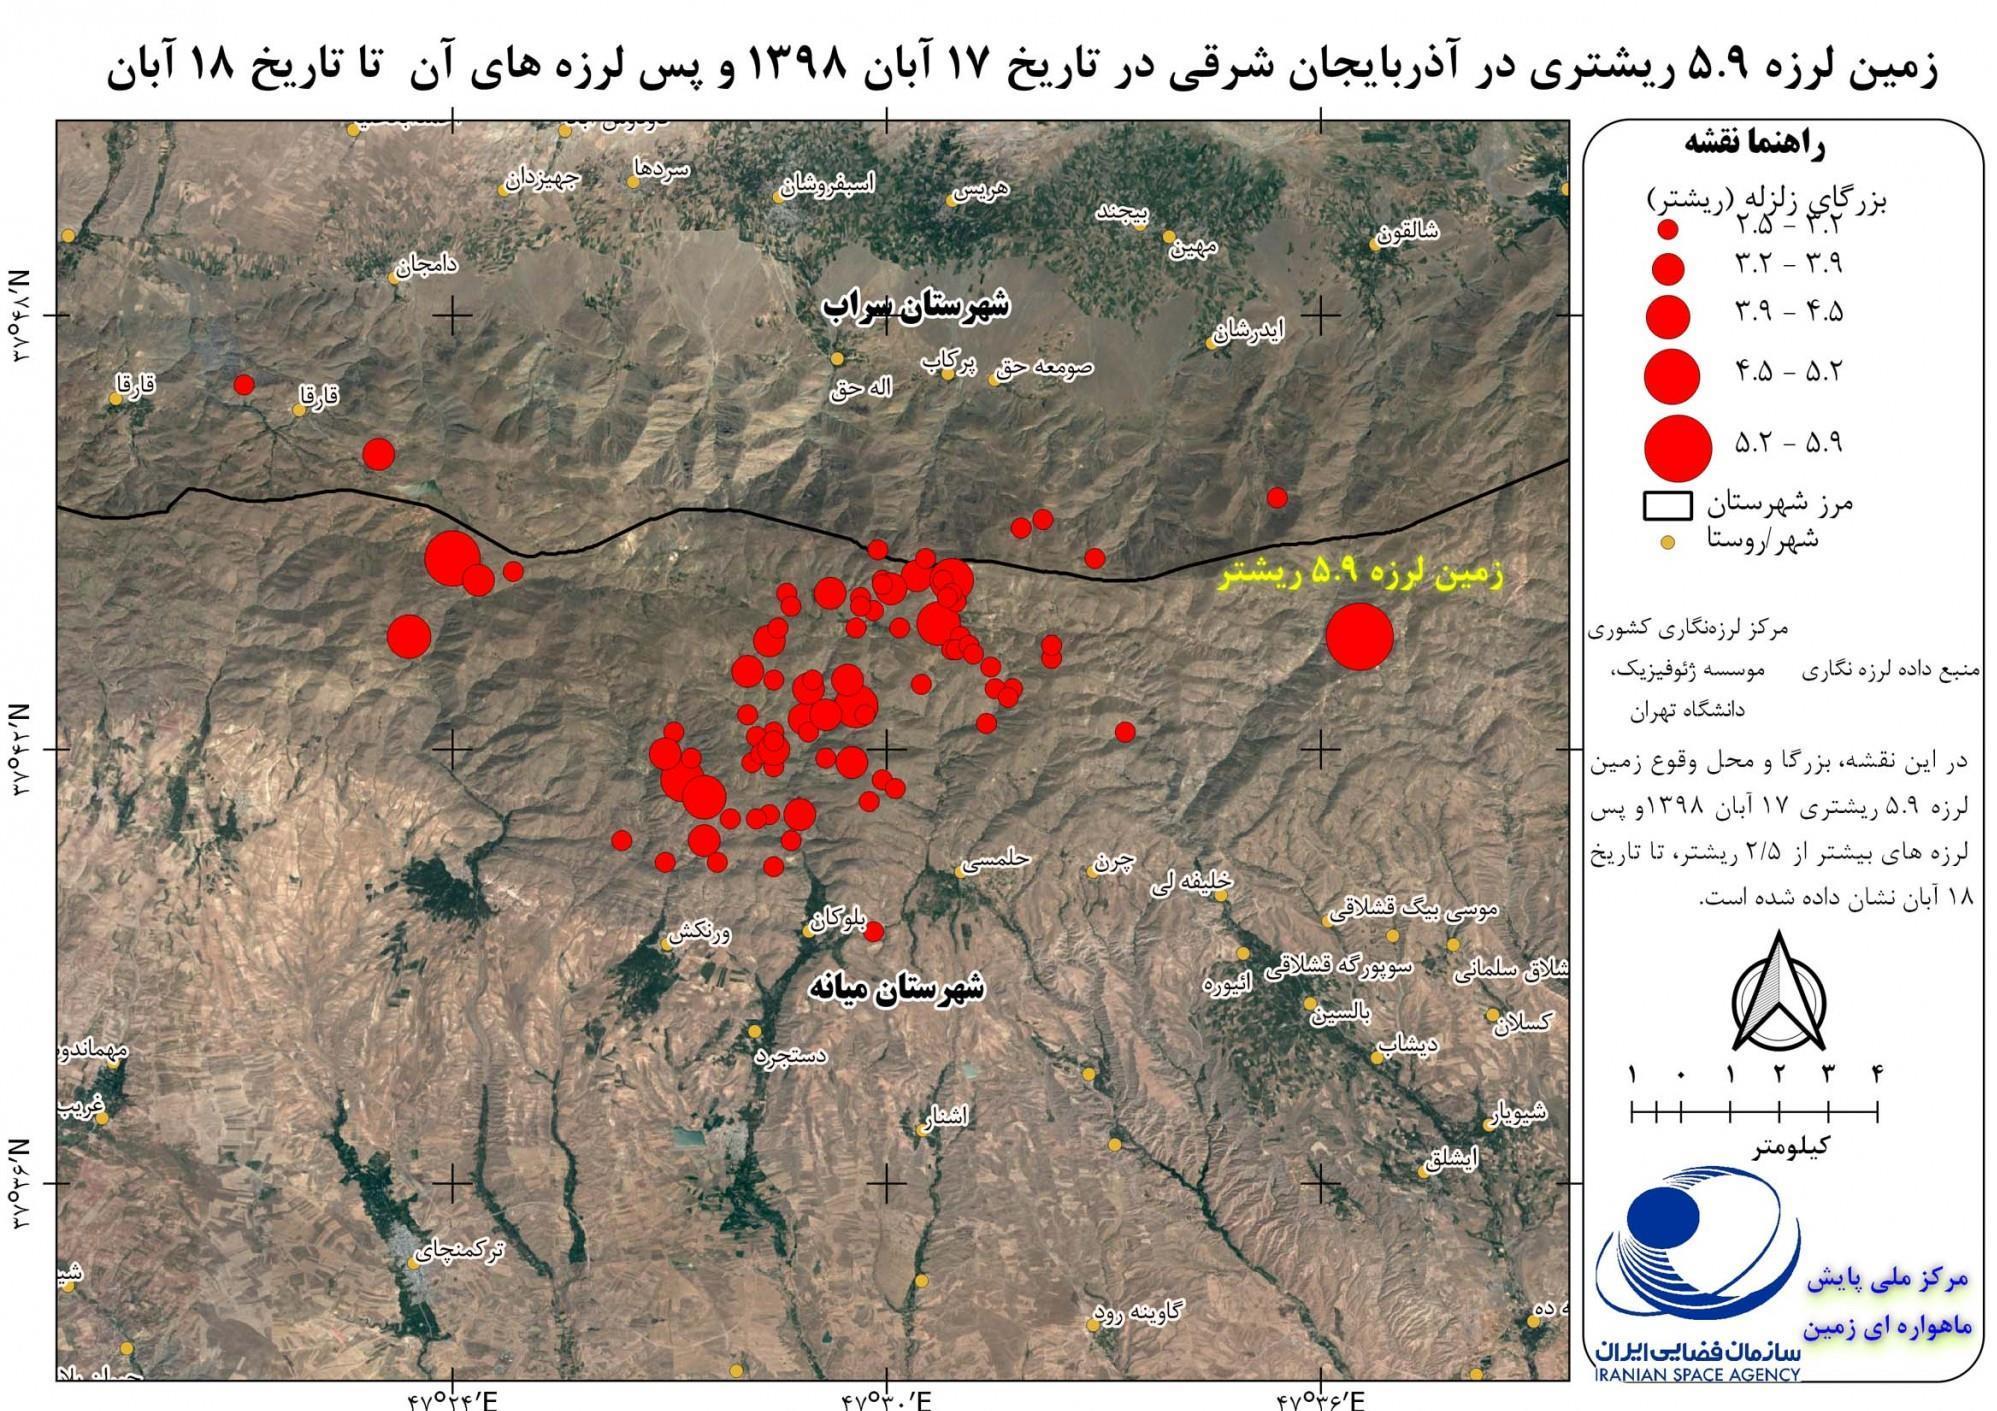 زلزله , آذربایجان شرقی , اخبار هوا و فضا ,